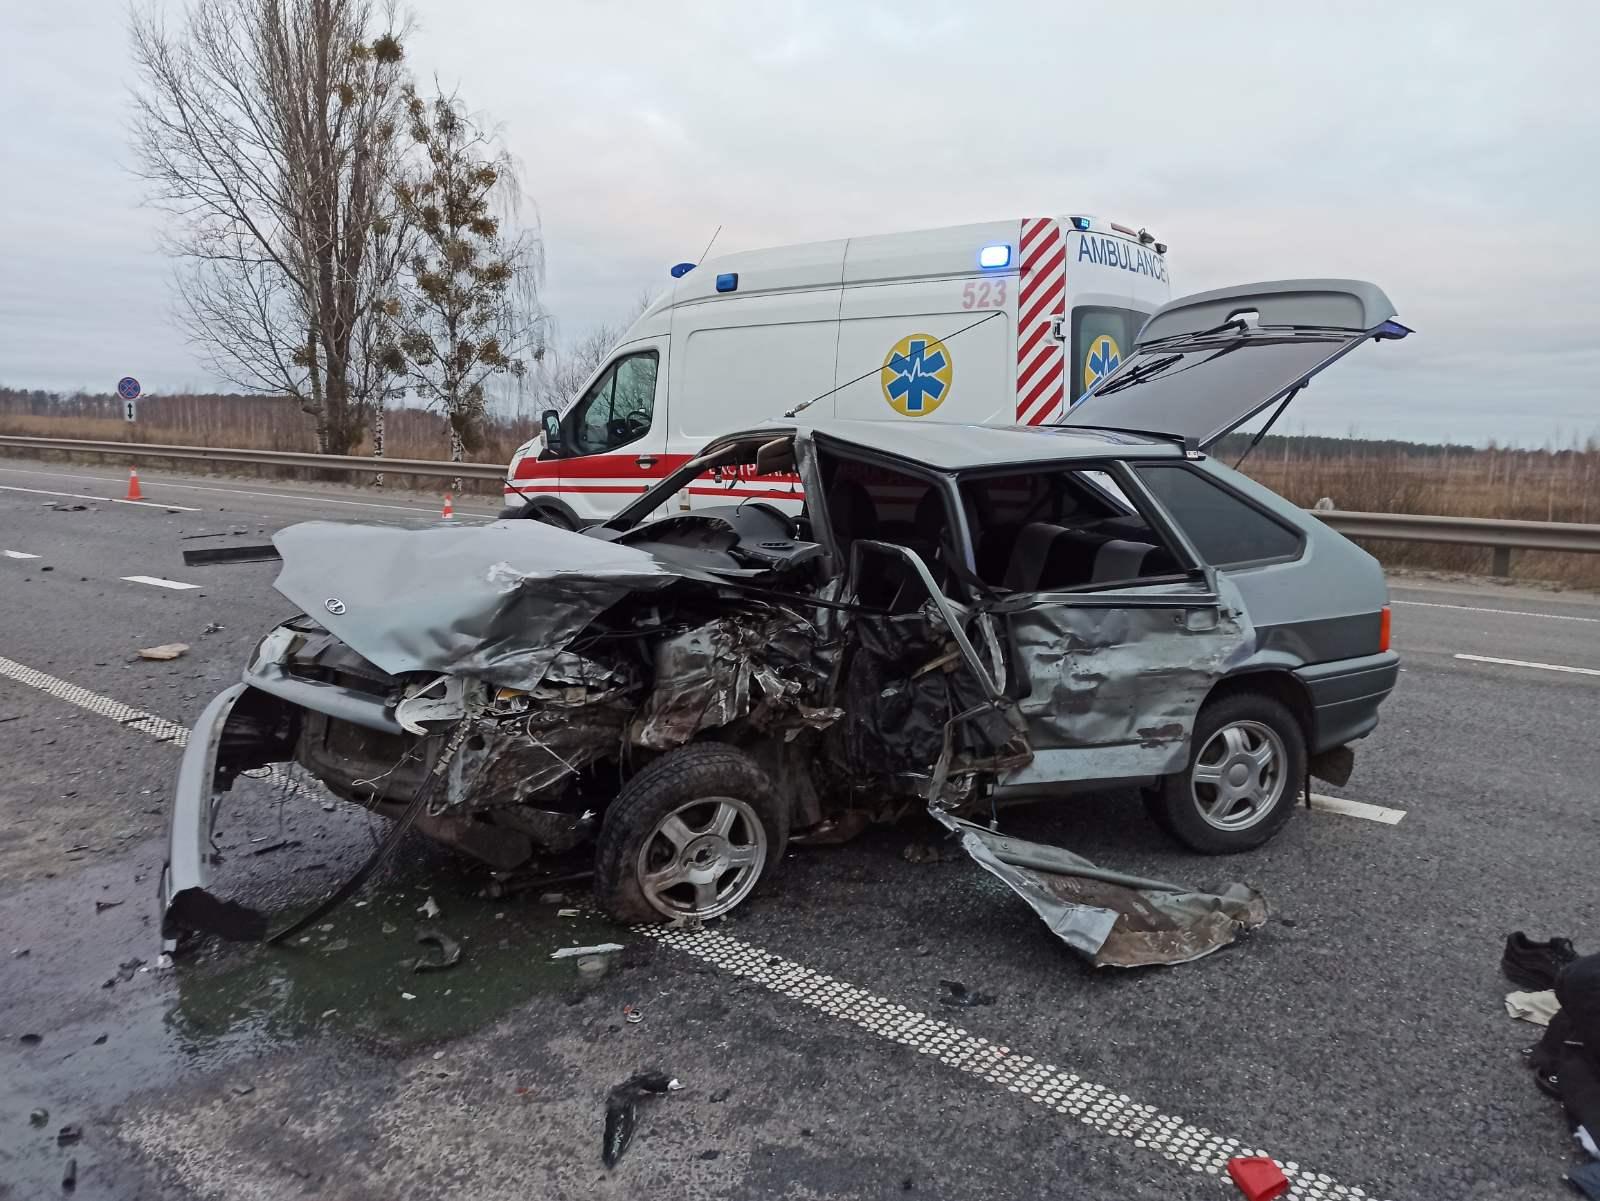 Зіткнення трьох легковиків у Ворзелі: рятувальники ліквідовували наслідки аварії - рятувальник, ДТП з потерпілим, Бучанська ОТГ - Vorz zitkn 2